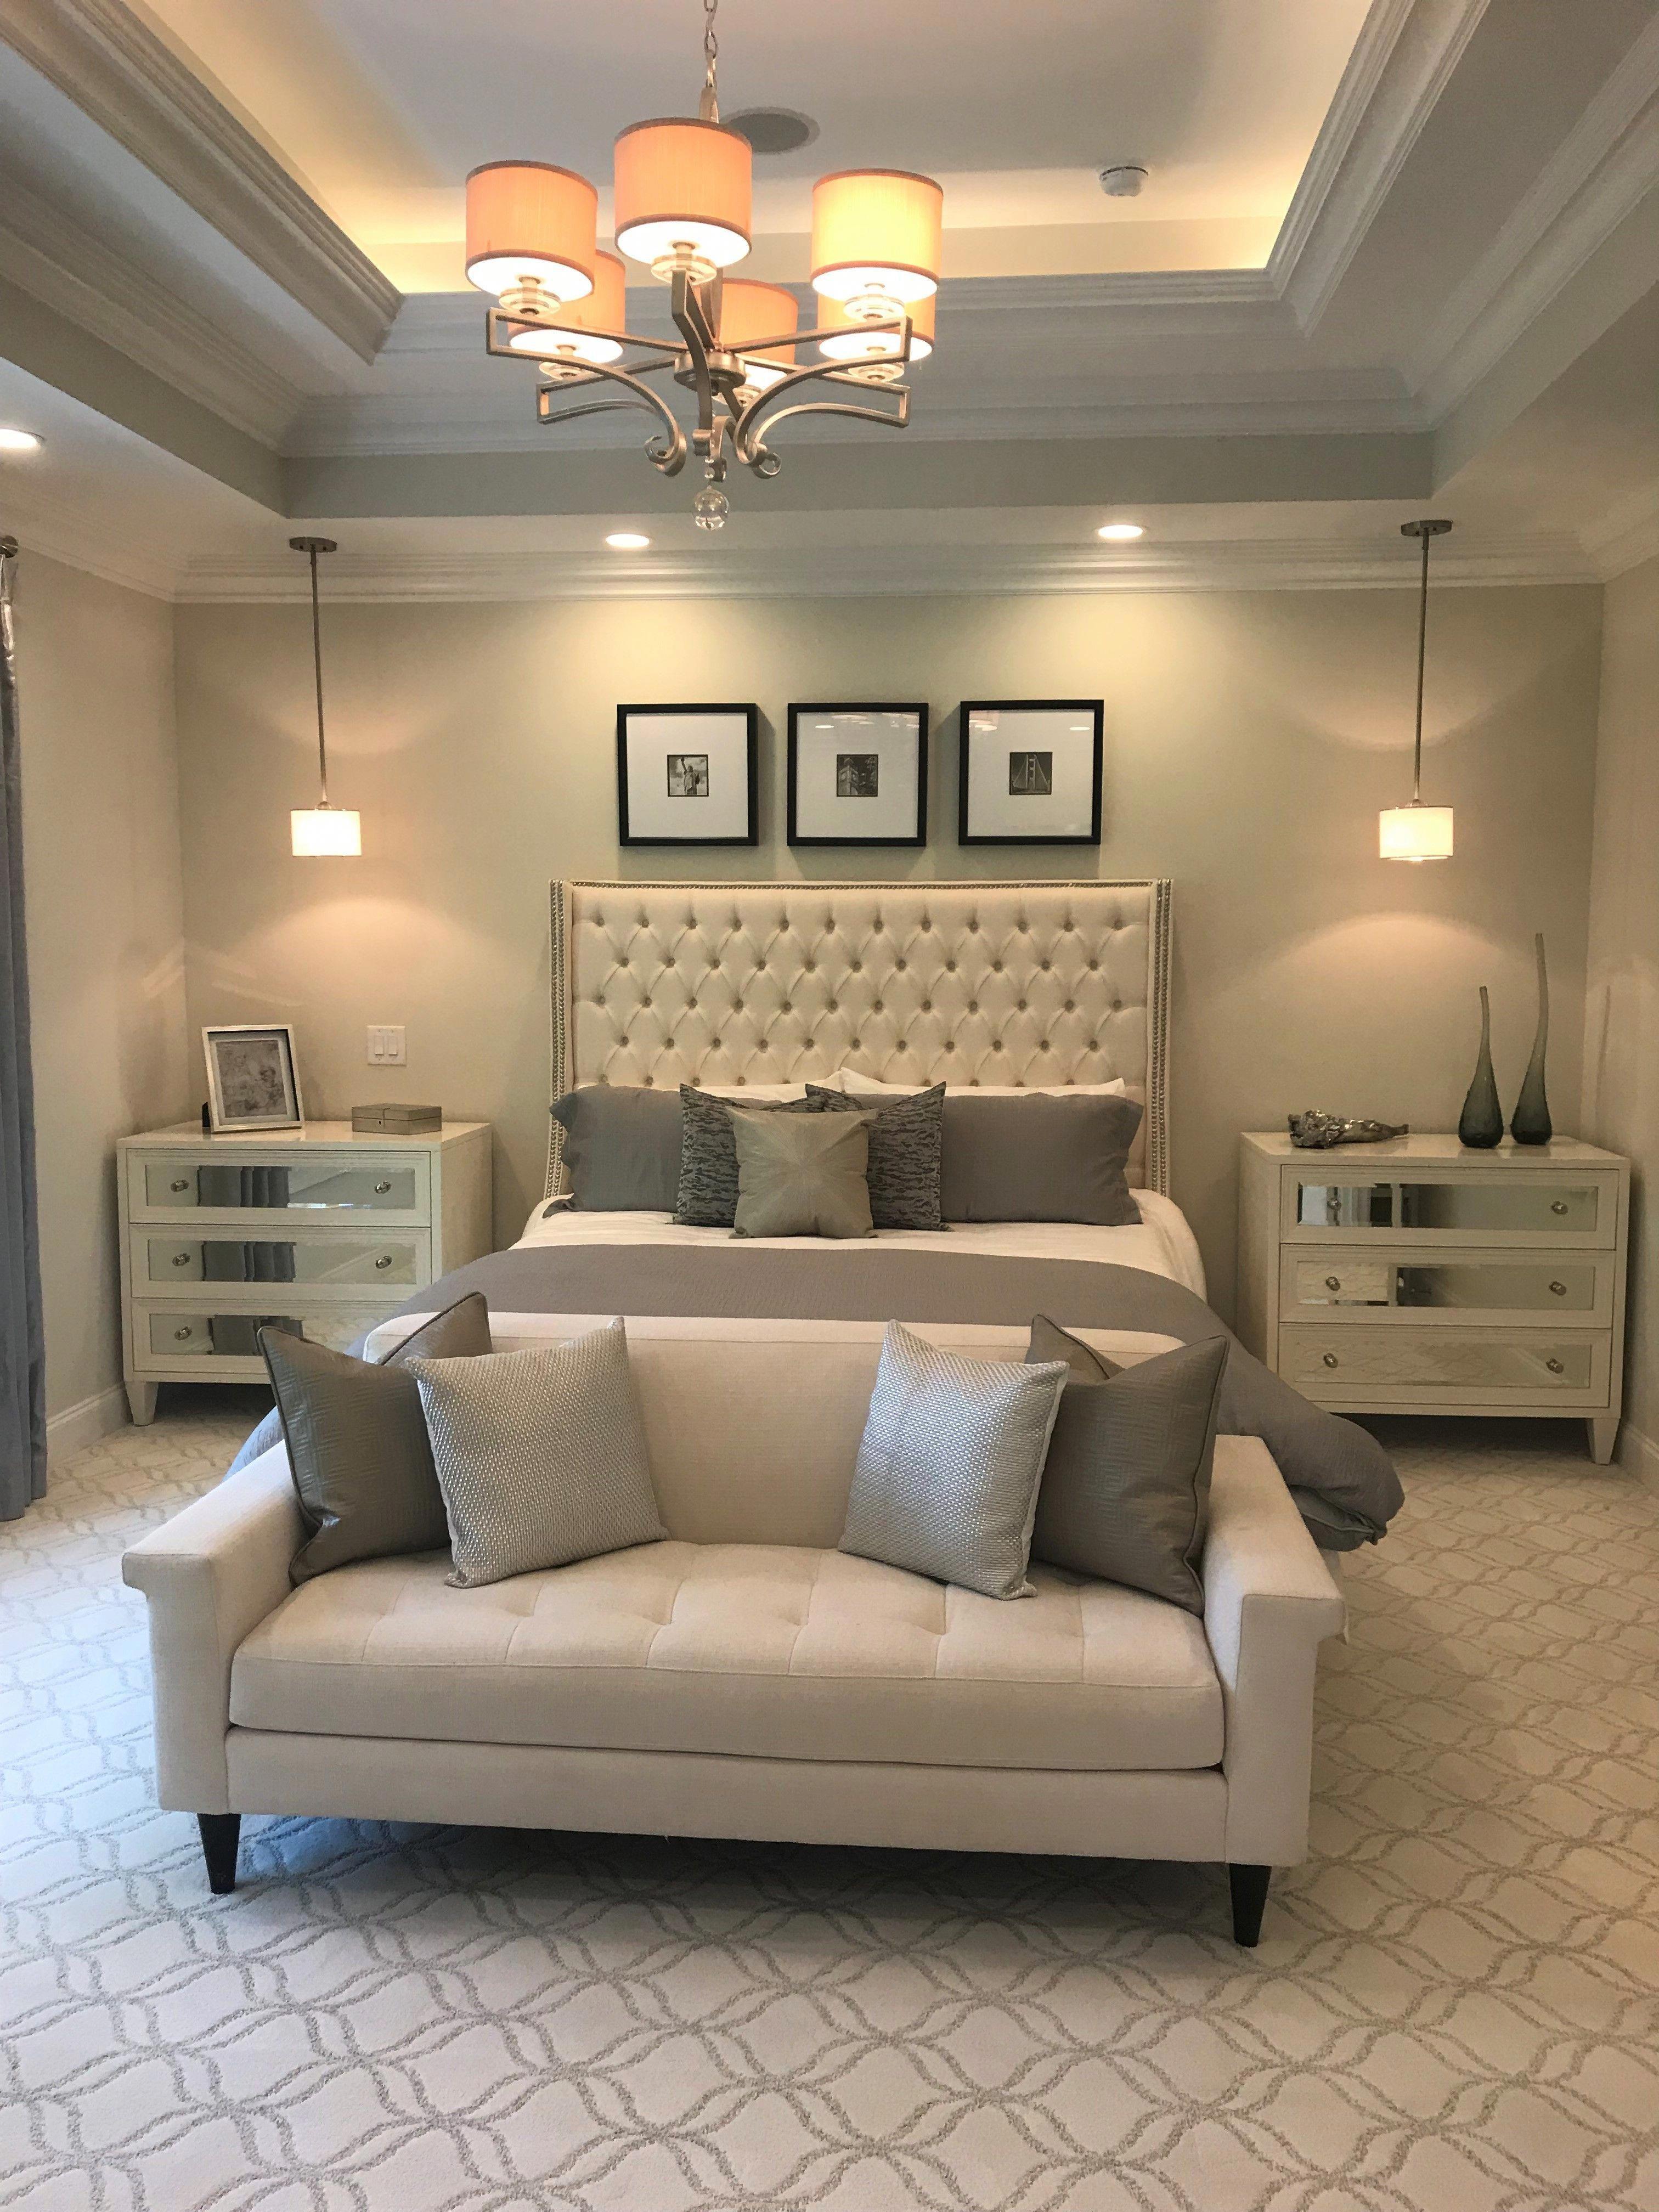 Modern Italian Bedroom Furniture Sets: Designer Italian Bedroom Furniture & Luxury Beds